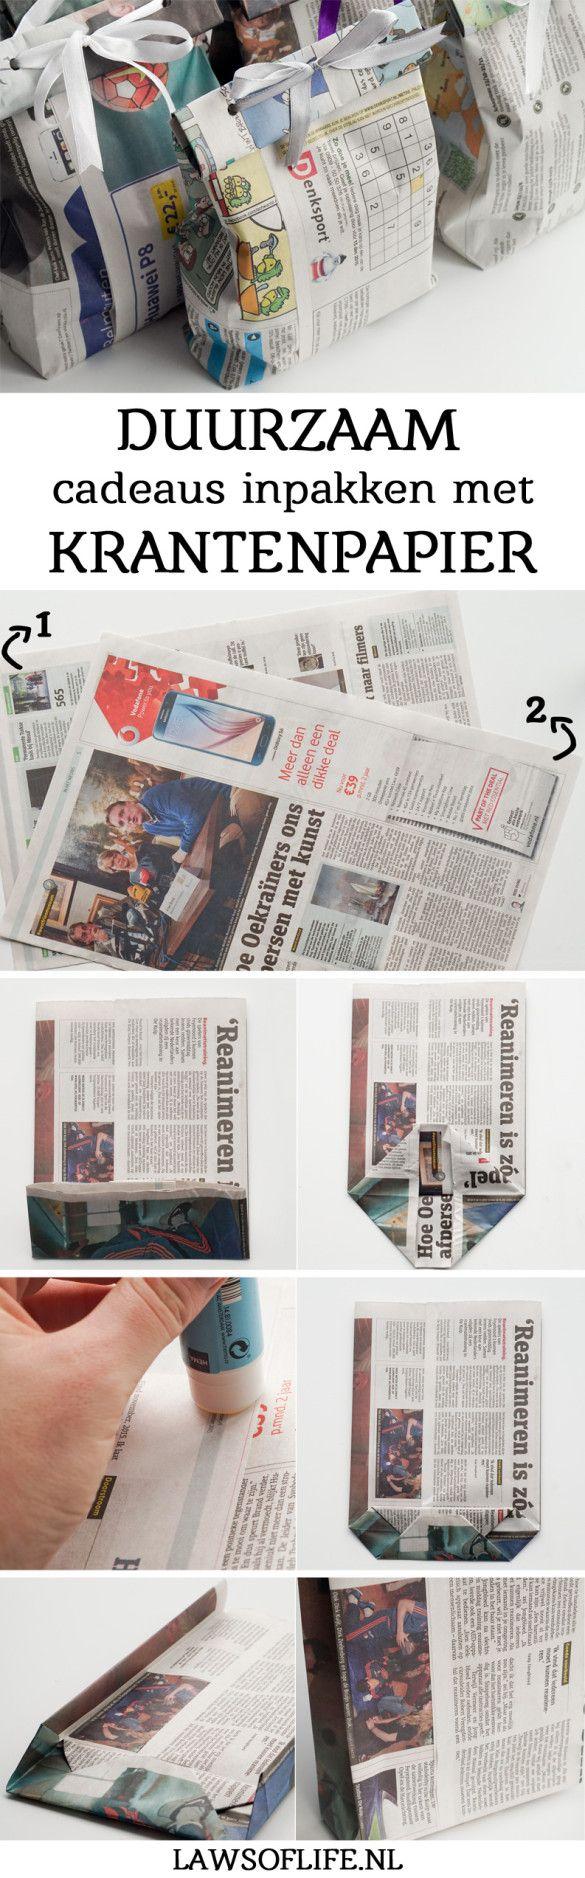 inpakken met krantenpapier